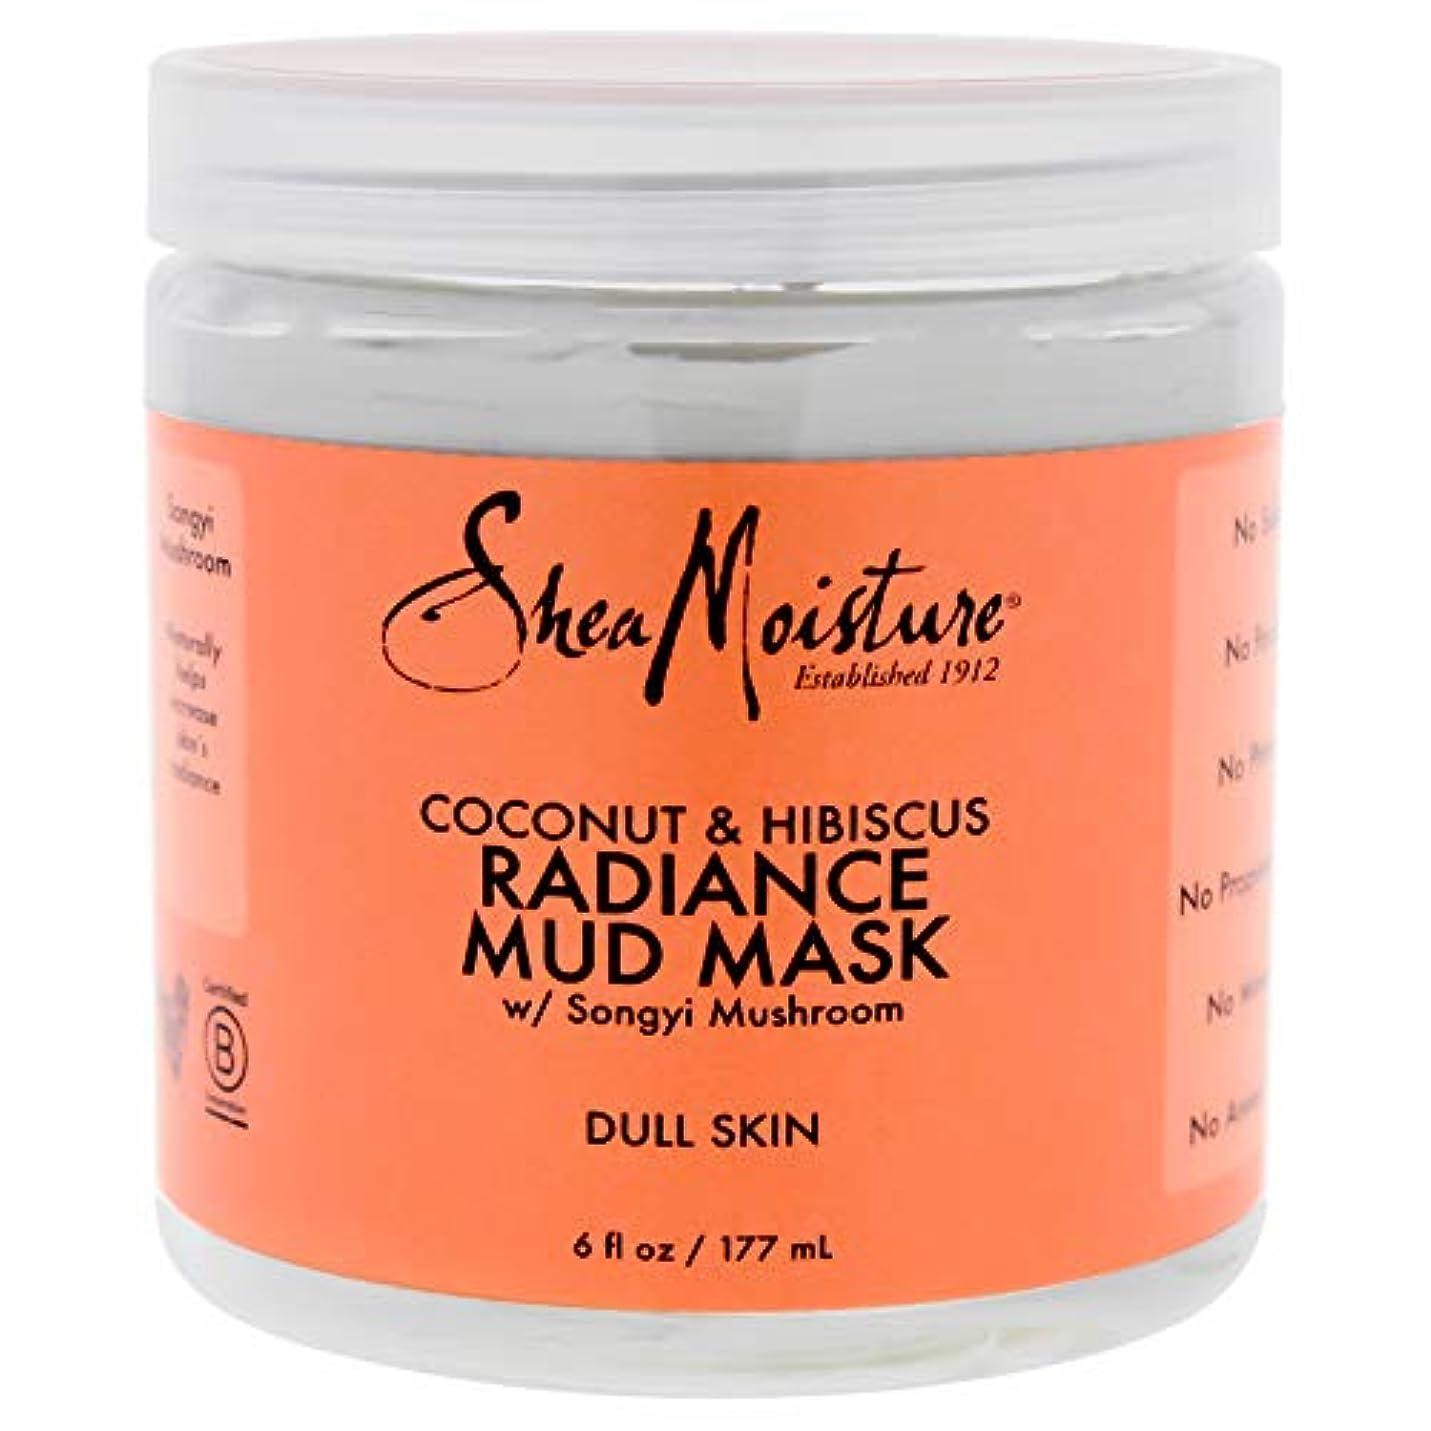 非互換バラエティ毎月Coconut & Hibiscus Radiance Mud Mask - Dull Skin